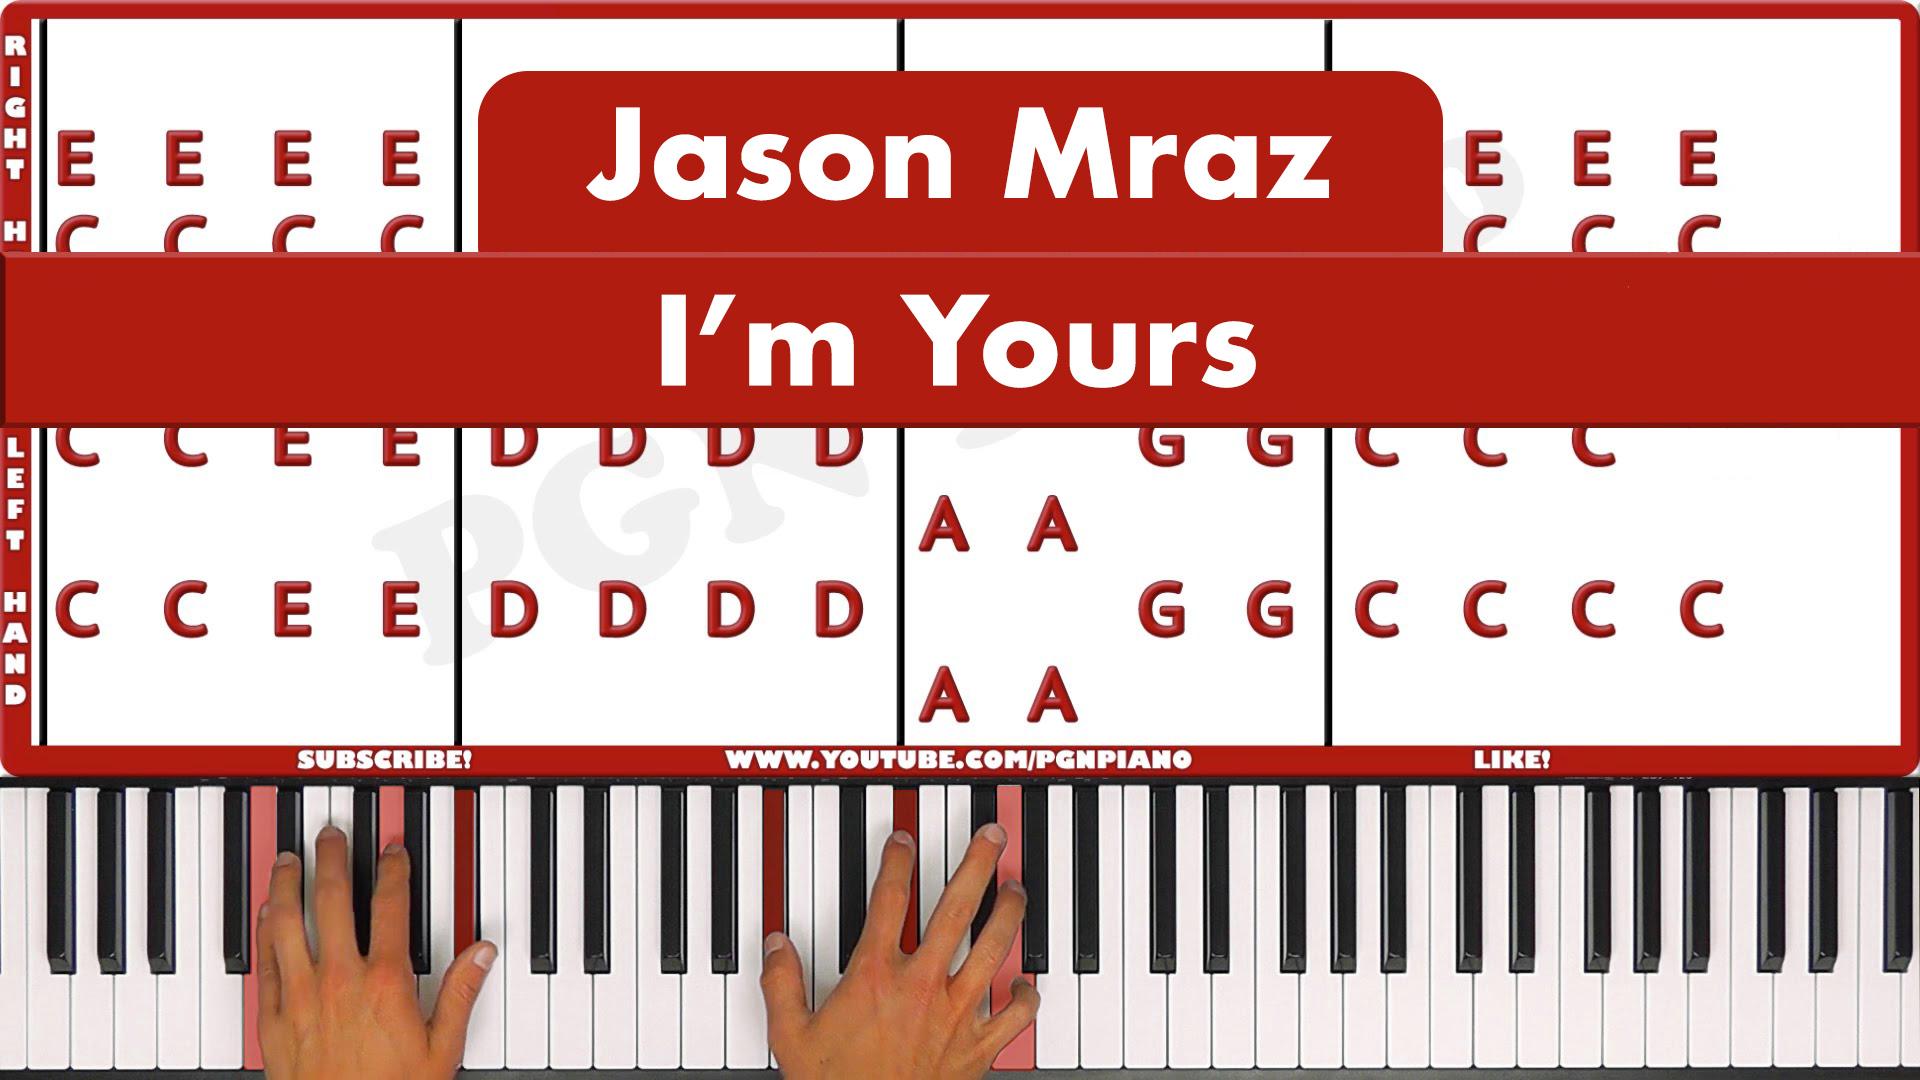 Jason Mraz – I'm Yours – Easy